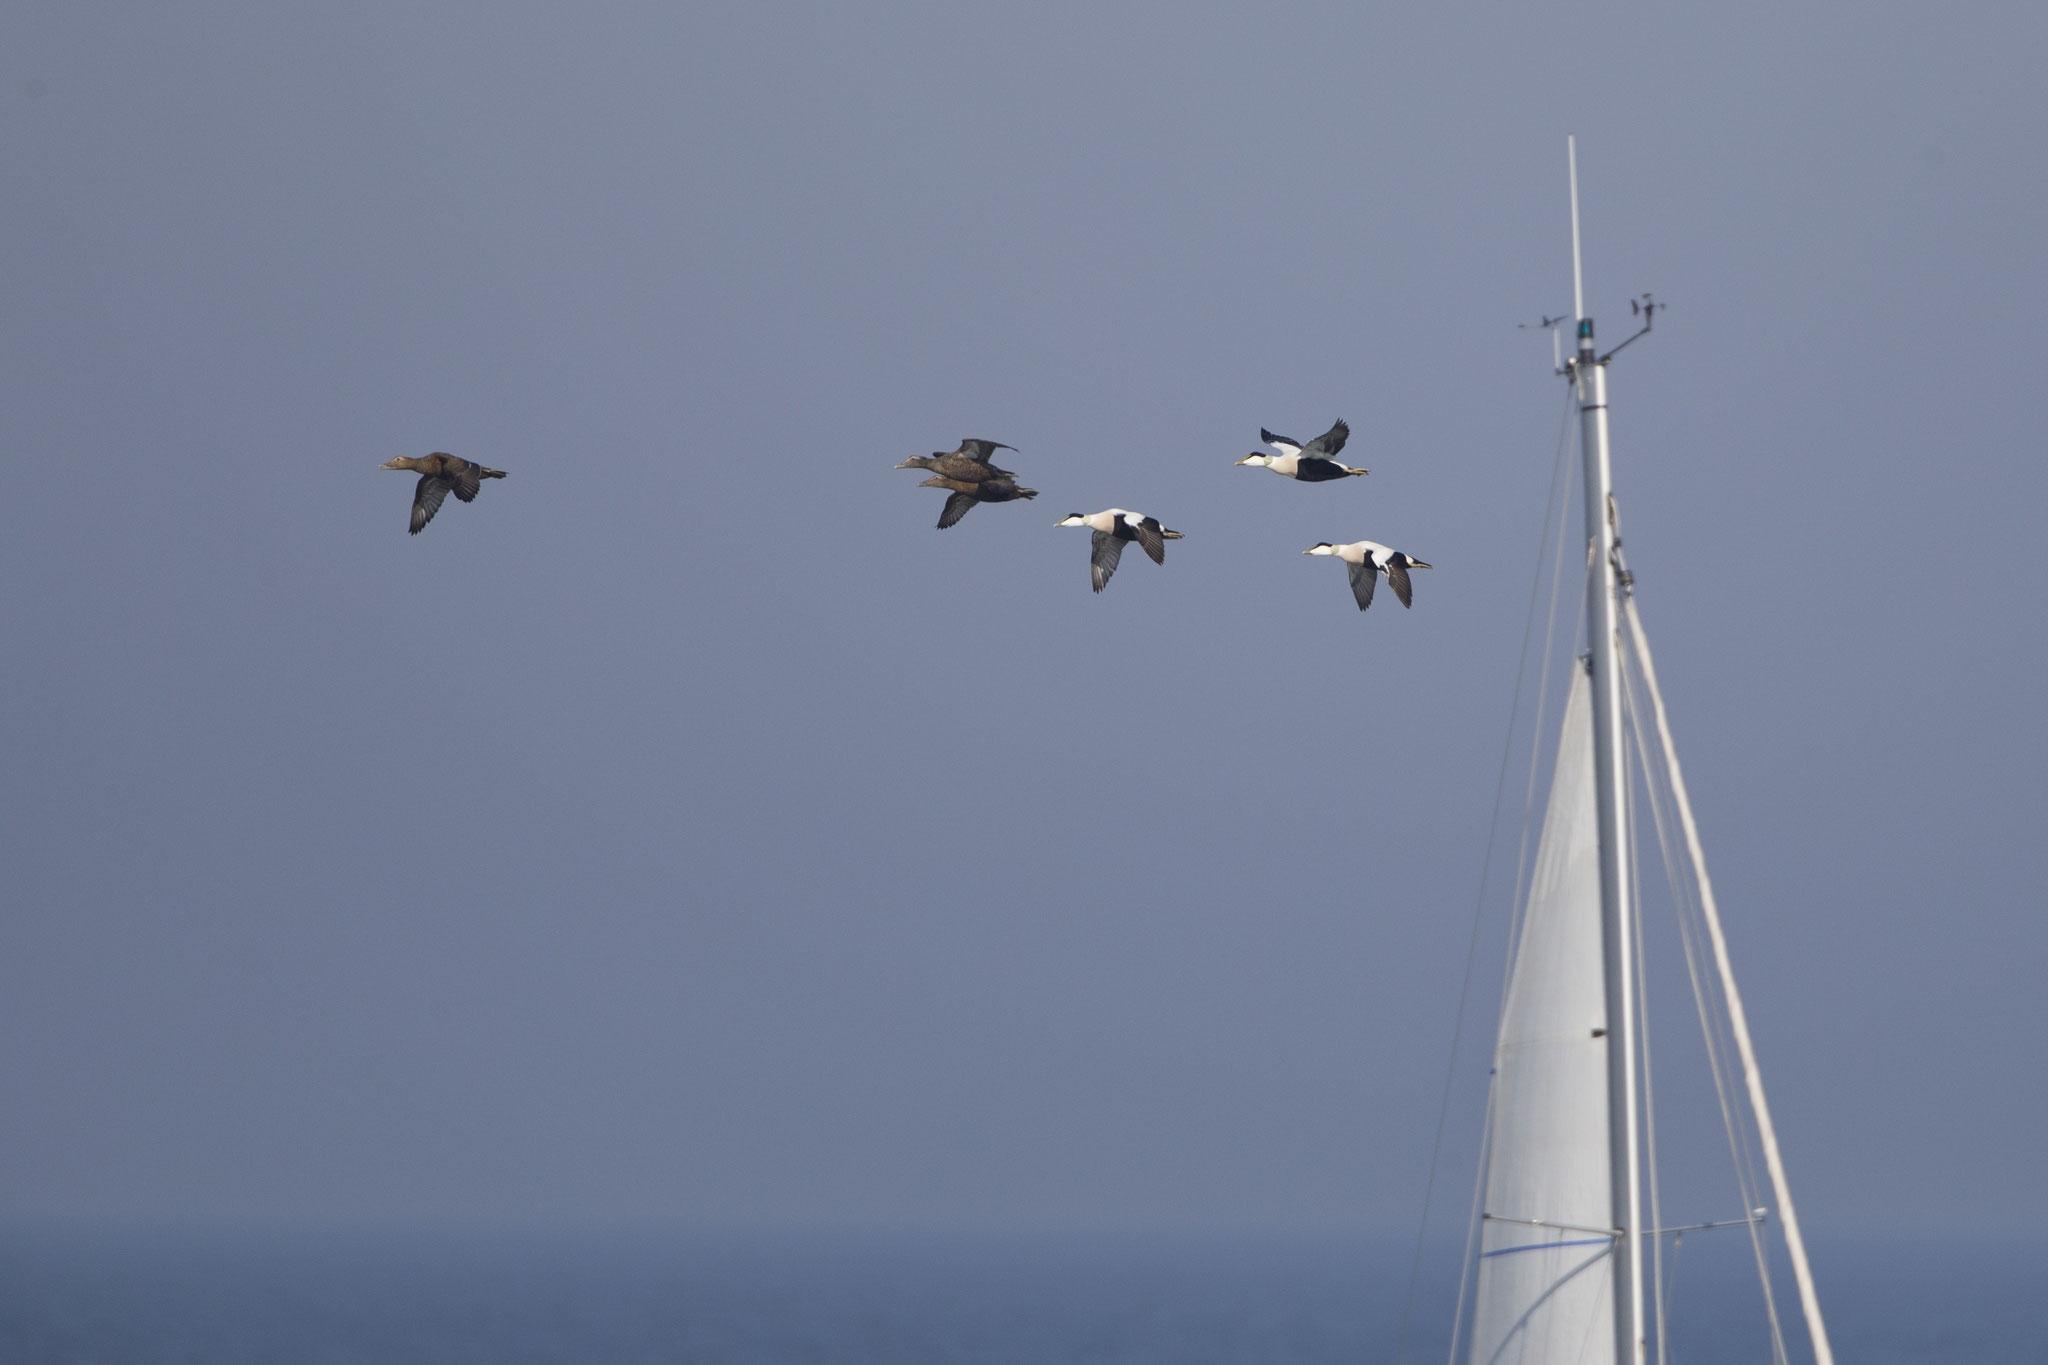 Es kreuzen uns Segeljachten und Trupps von Eiderenten sowie andere Seevögel